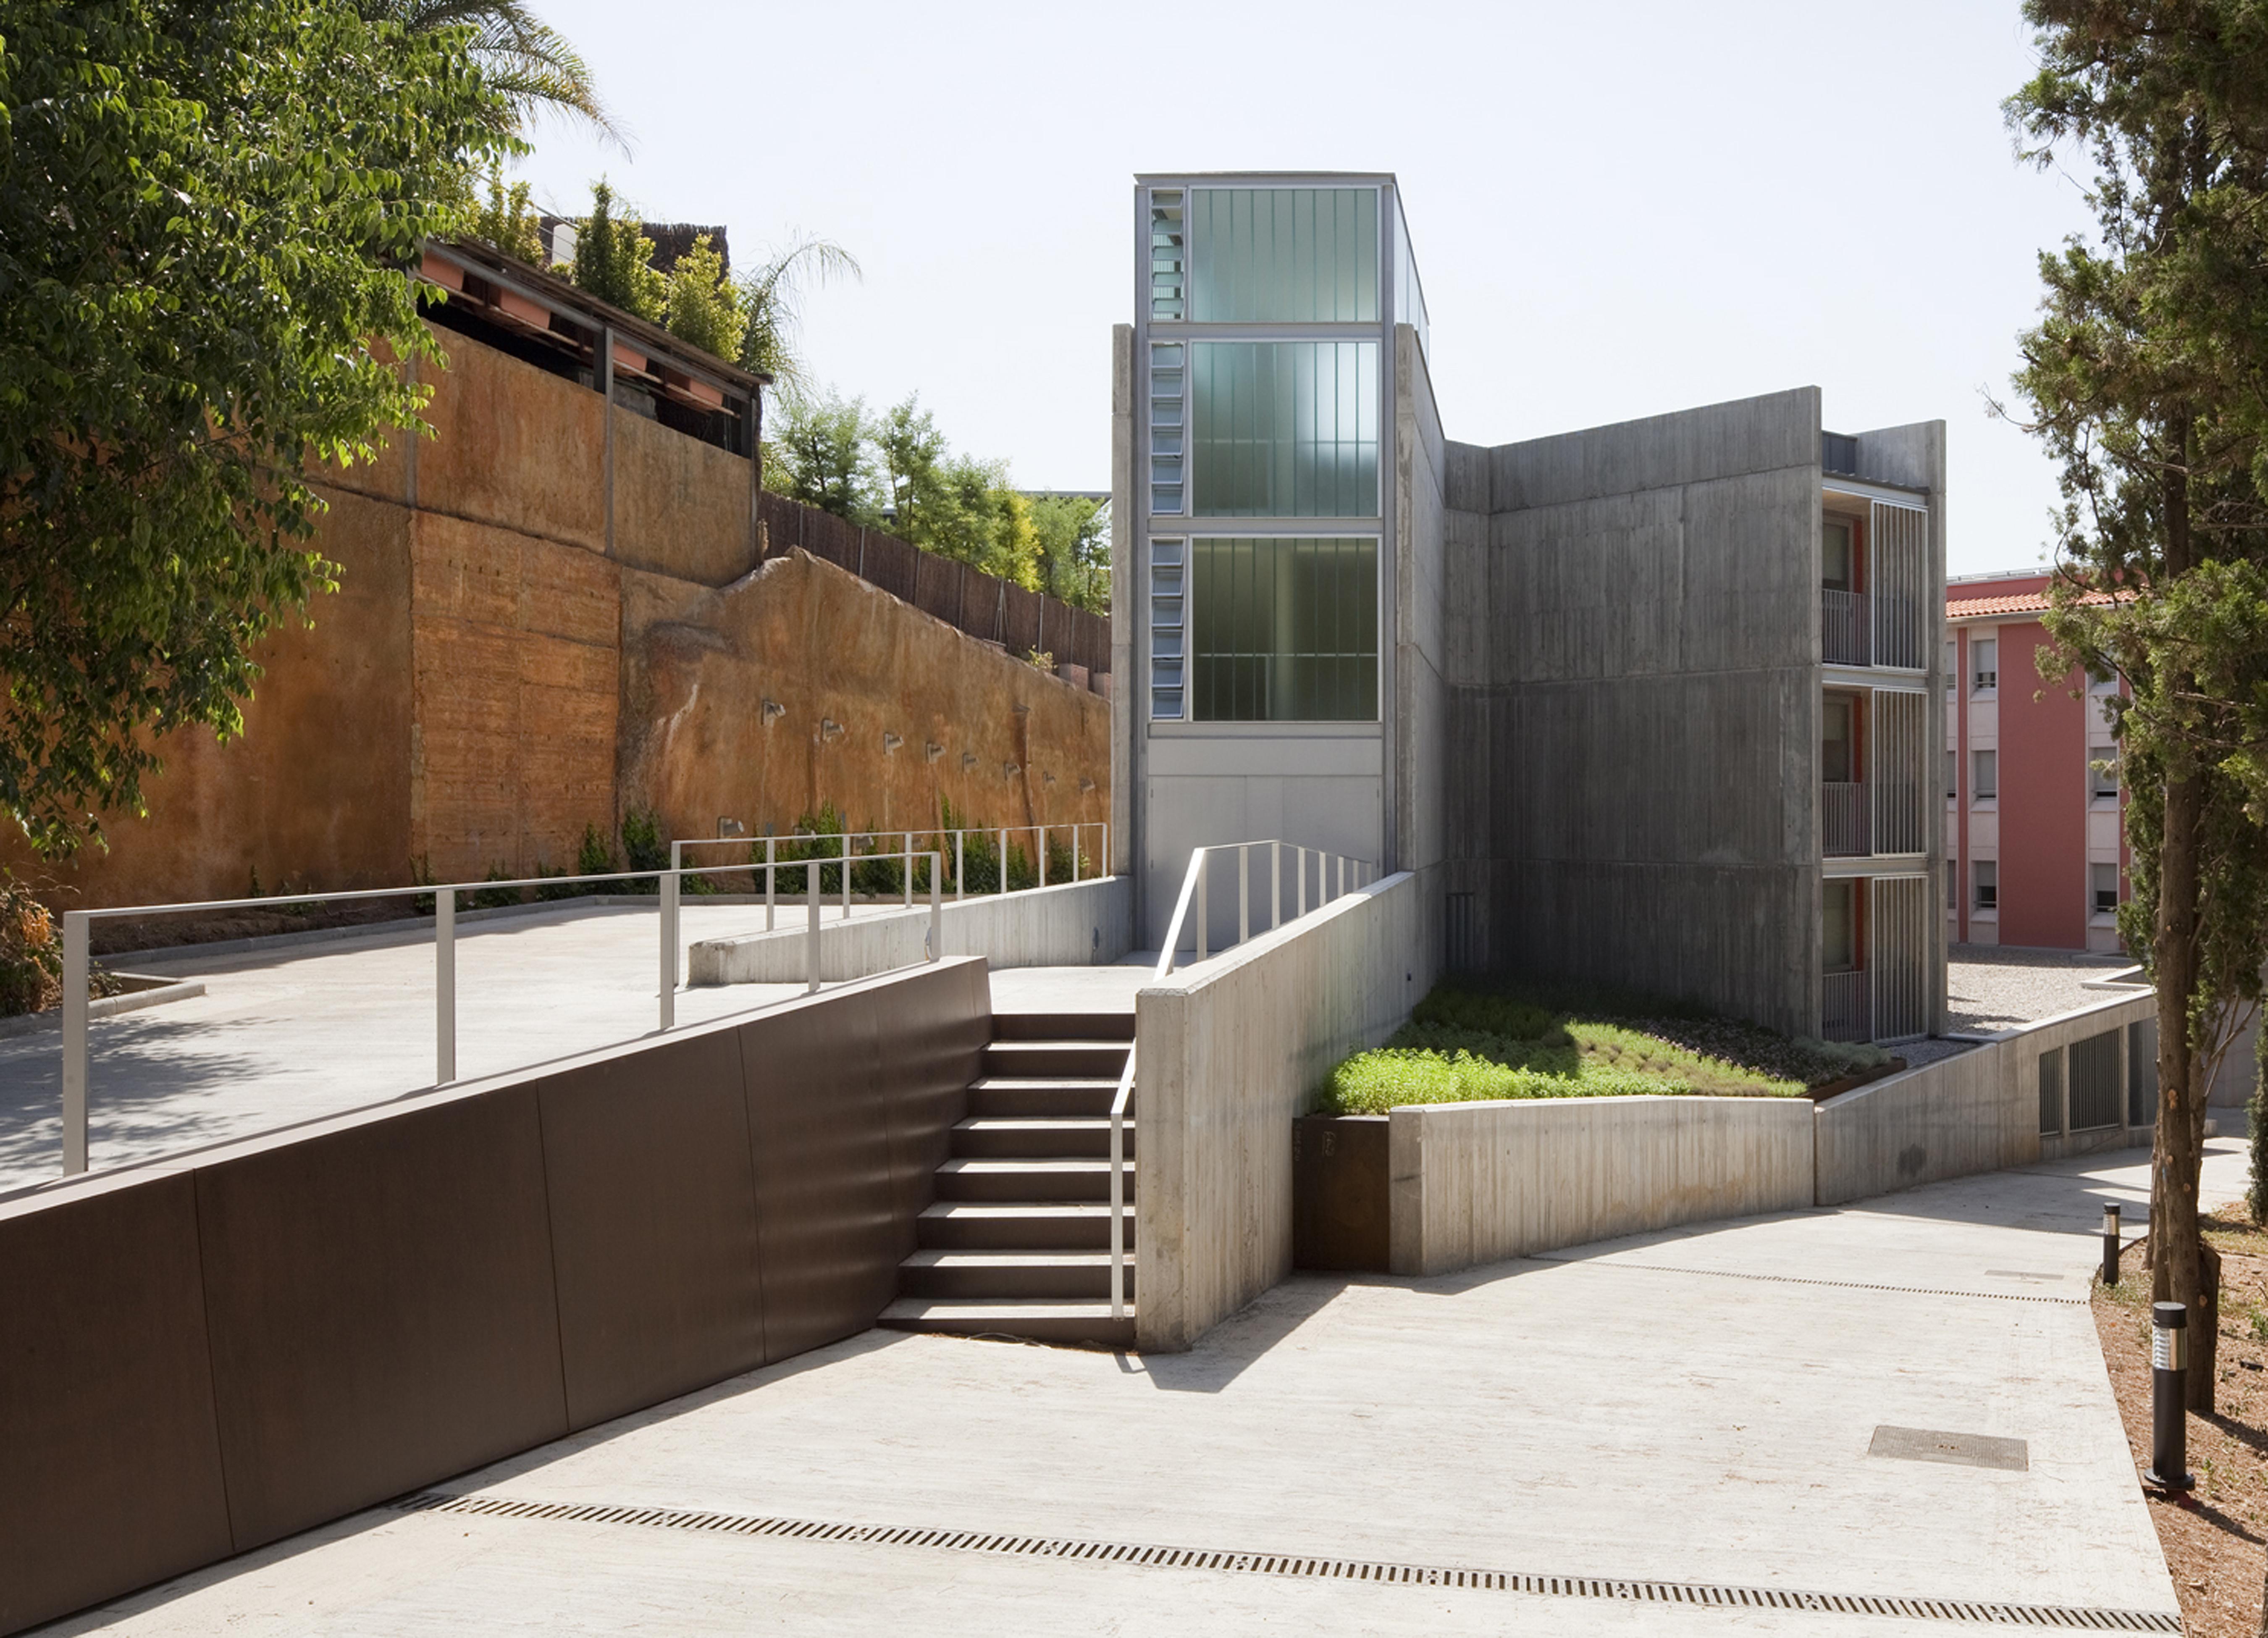 Mostres arquitectura for Arquitectura geriatrica